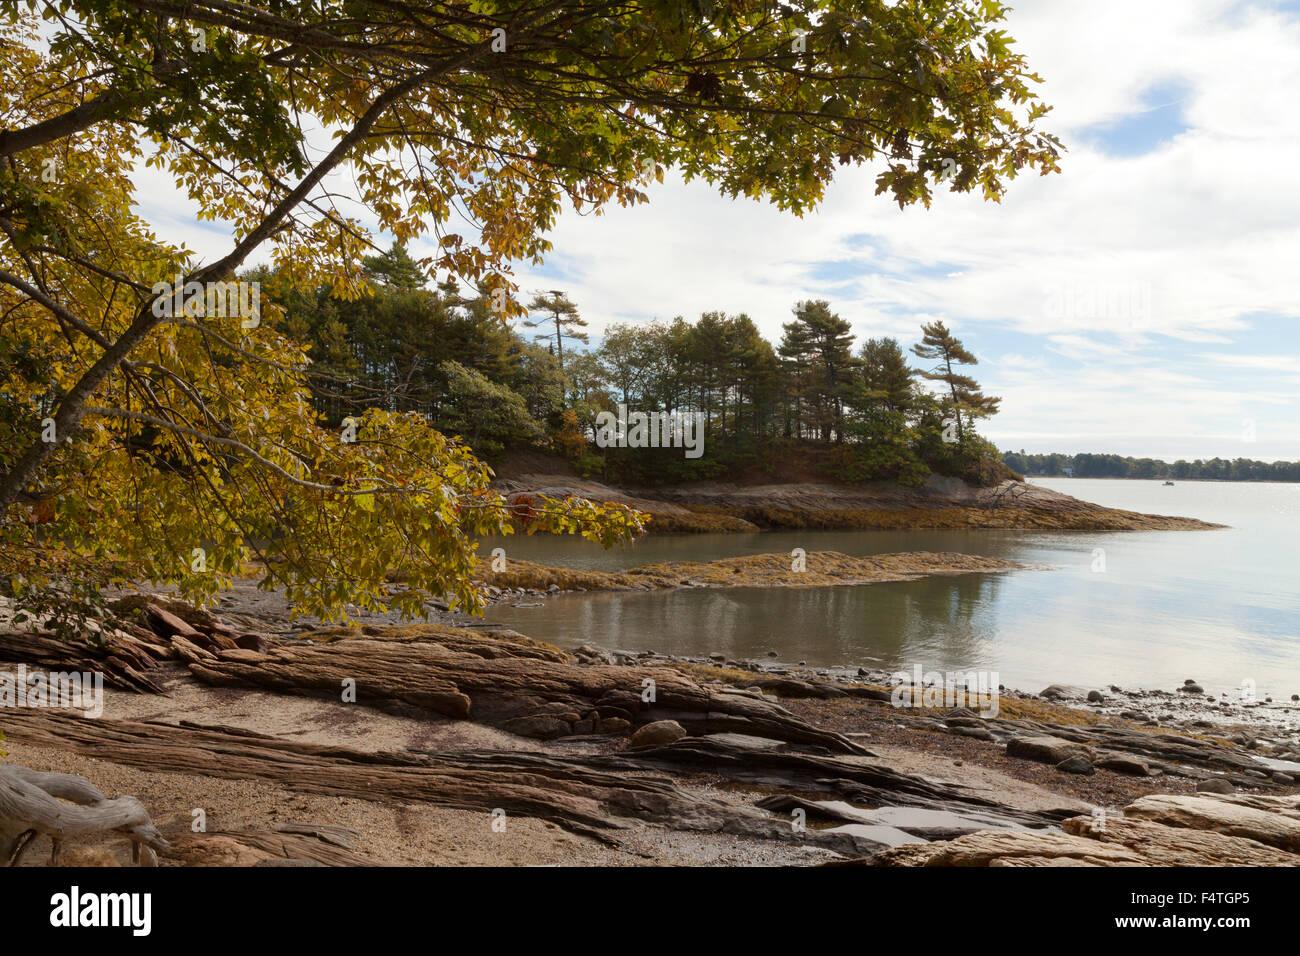 Maine costa al collo Wolfes boschi del Parco Statale di Casco Bay Freeport, Maine, Stati Uniti d'America Immagini Stock